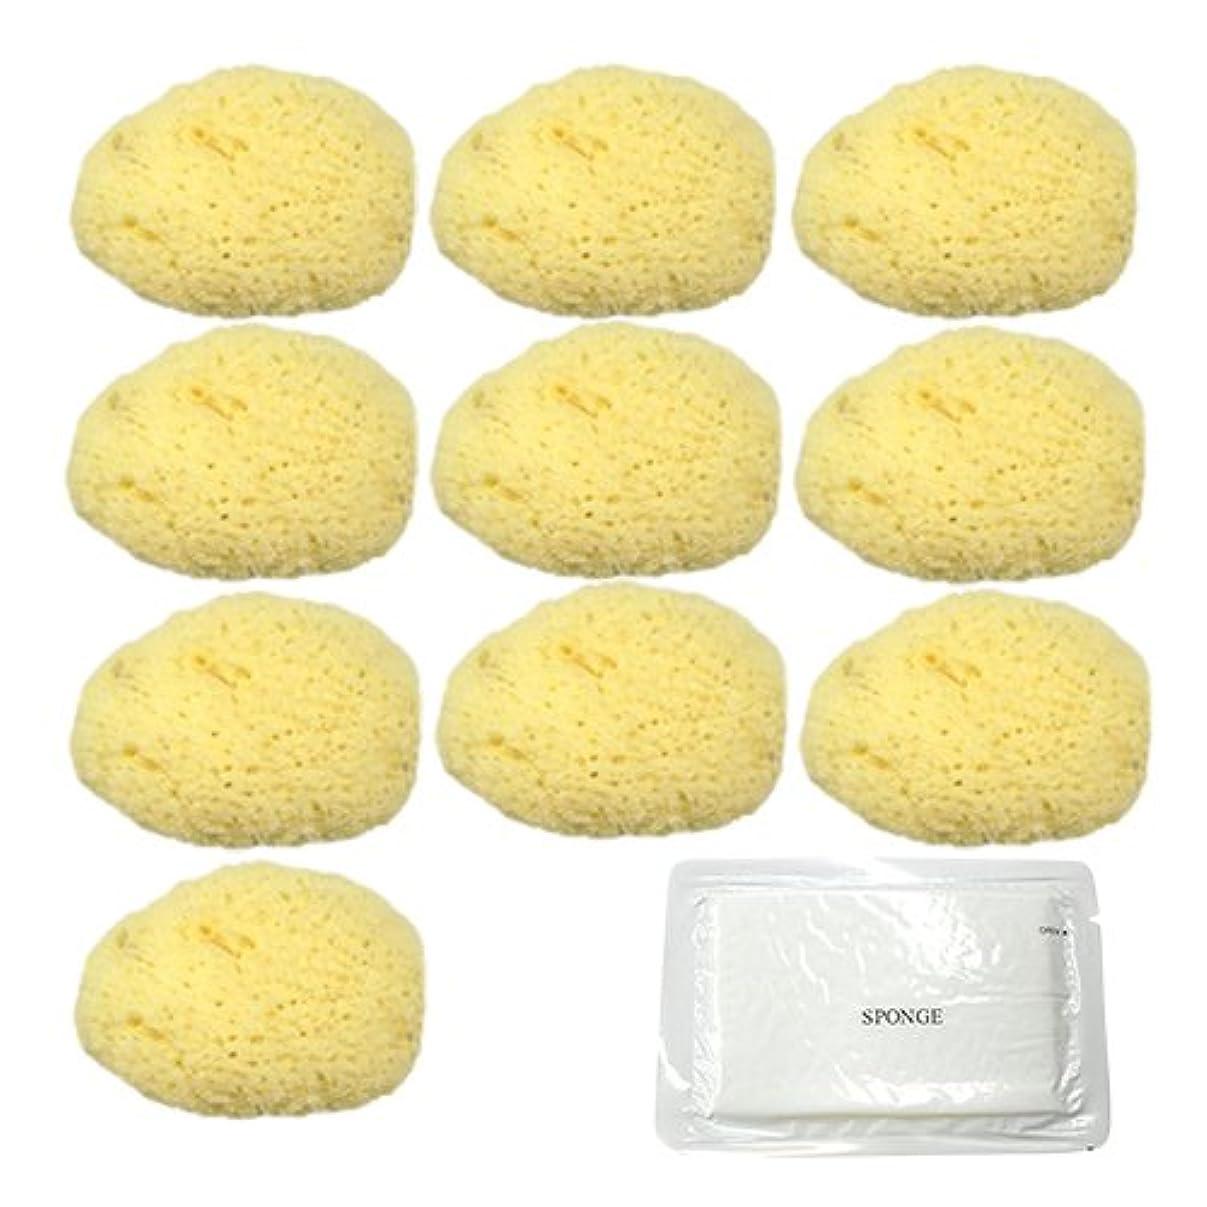 シャワー勇者立ち向かうユタカ 天然海綿スポンジ(フェイススポンジ) 大 × 10個 + 圧縮スポンジセット